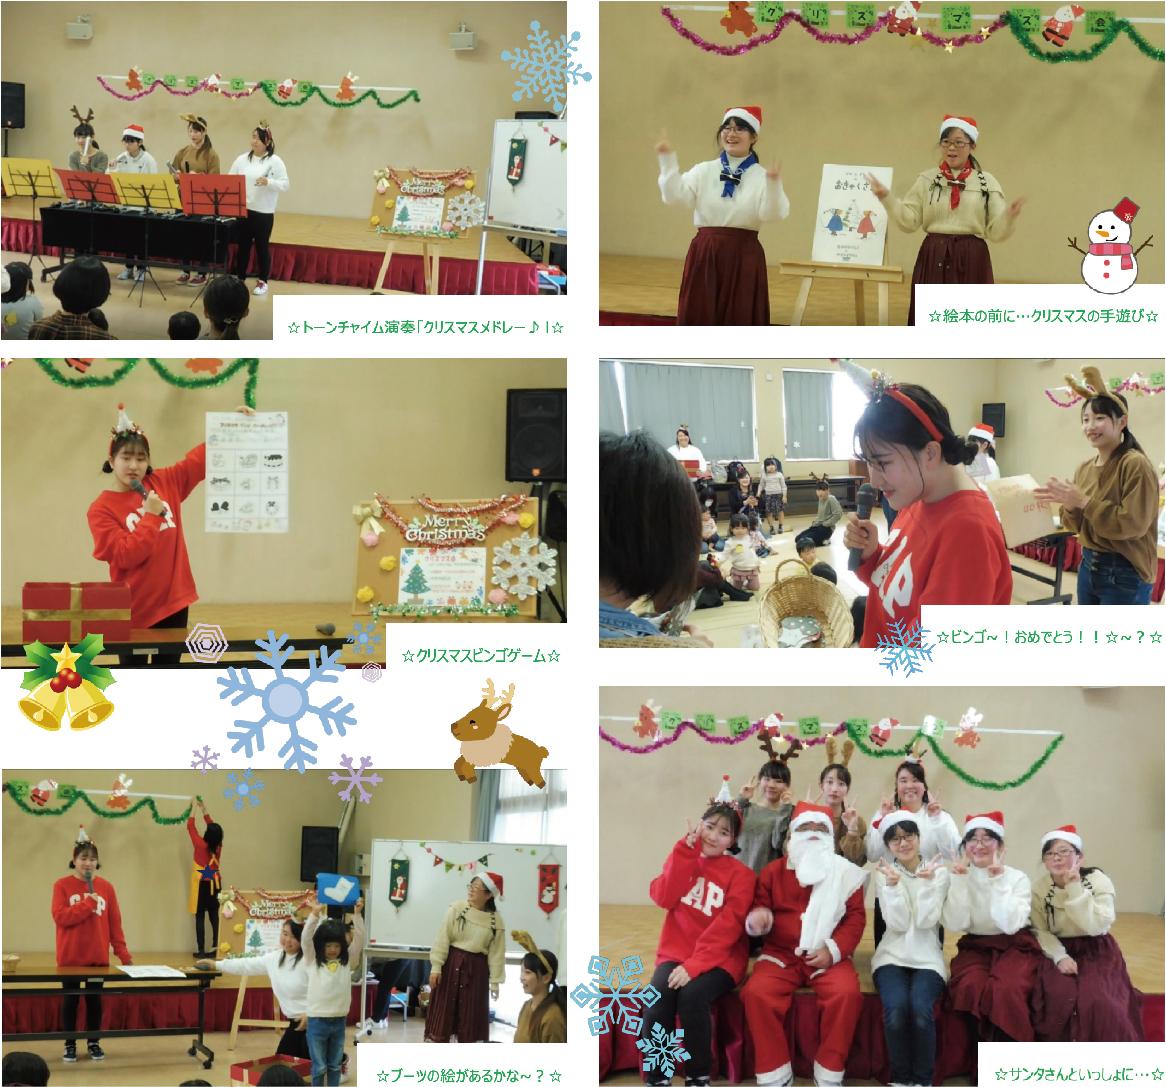 【保育学科】地域の母推さん主催、クリスマス会に参加しました!